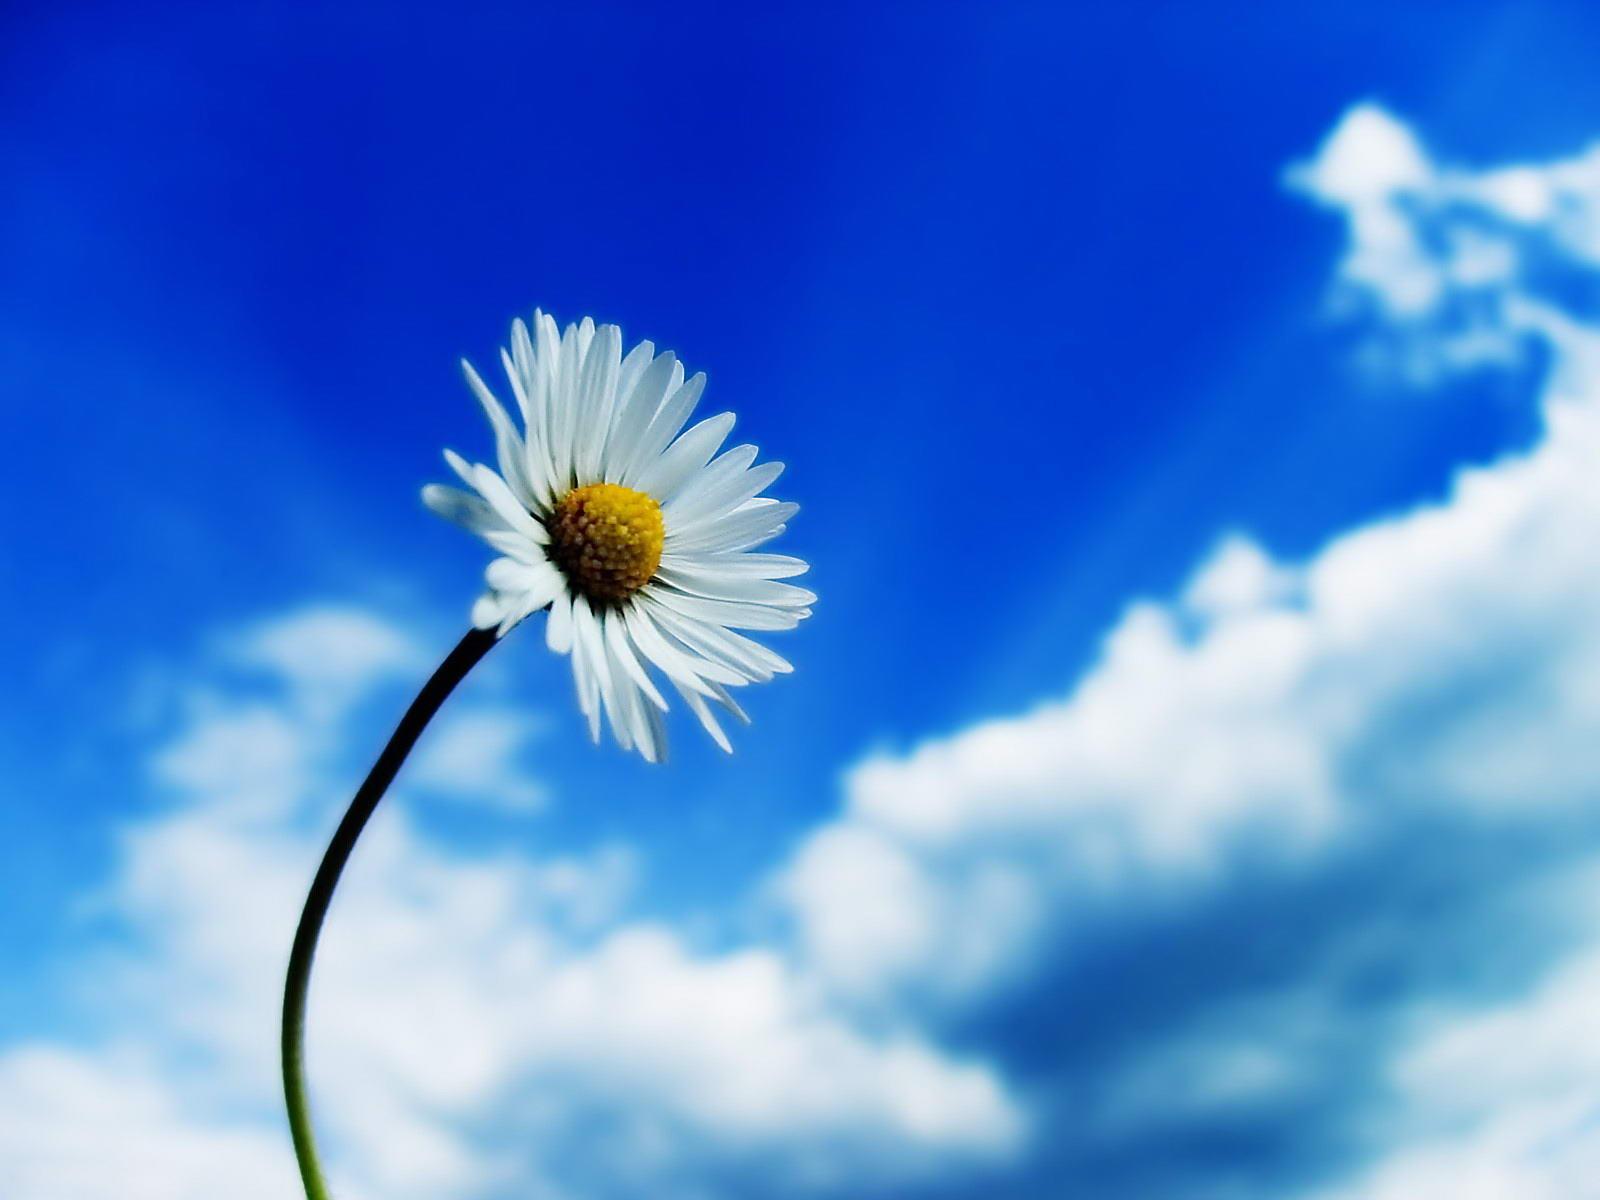 http://1.bp.blogspot.com/-8-IWsi_a-PQ/T4mUTgneagI/AAAAAAAAHs0/V5pHKNkkp6U/s1600/Nature+Wallpaper+0091.jpg